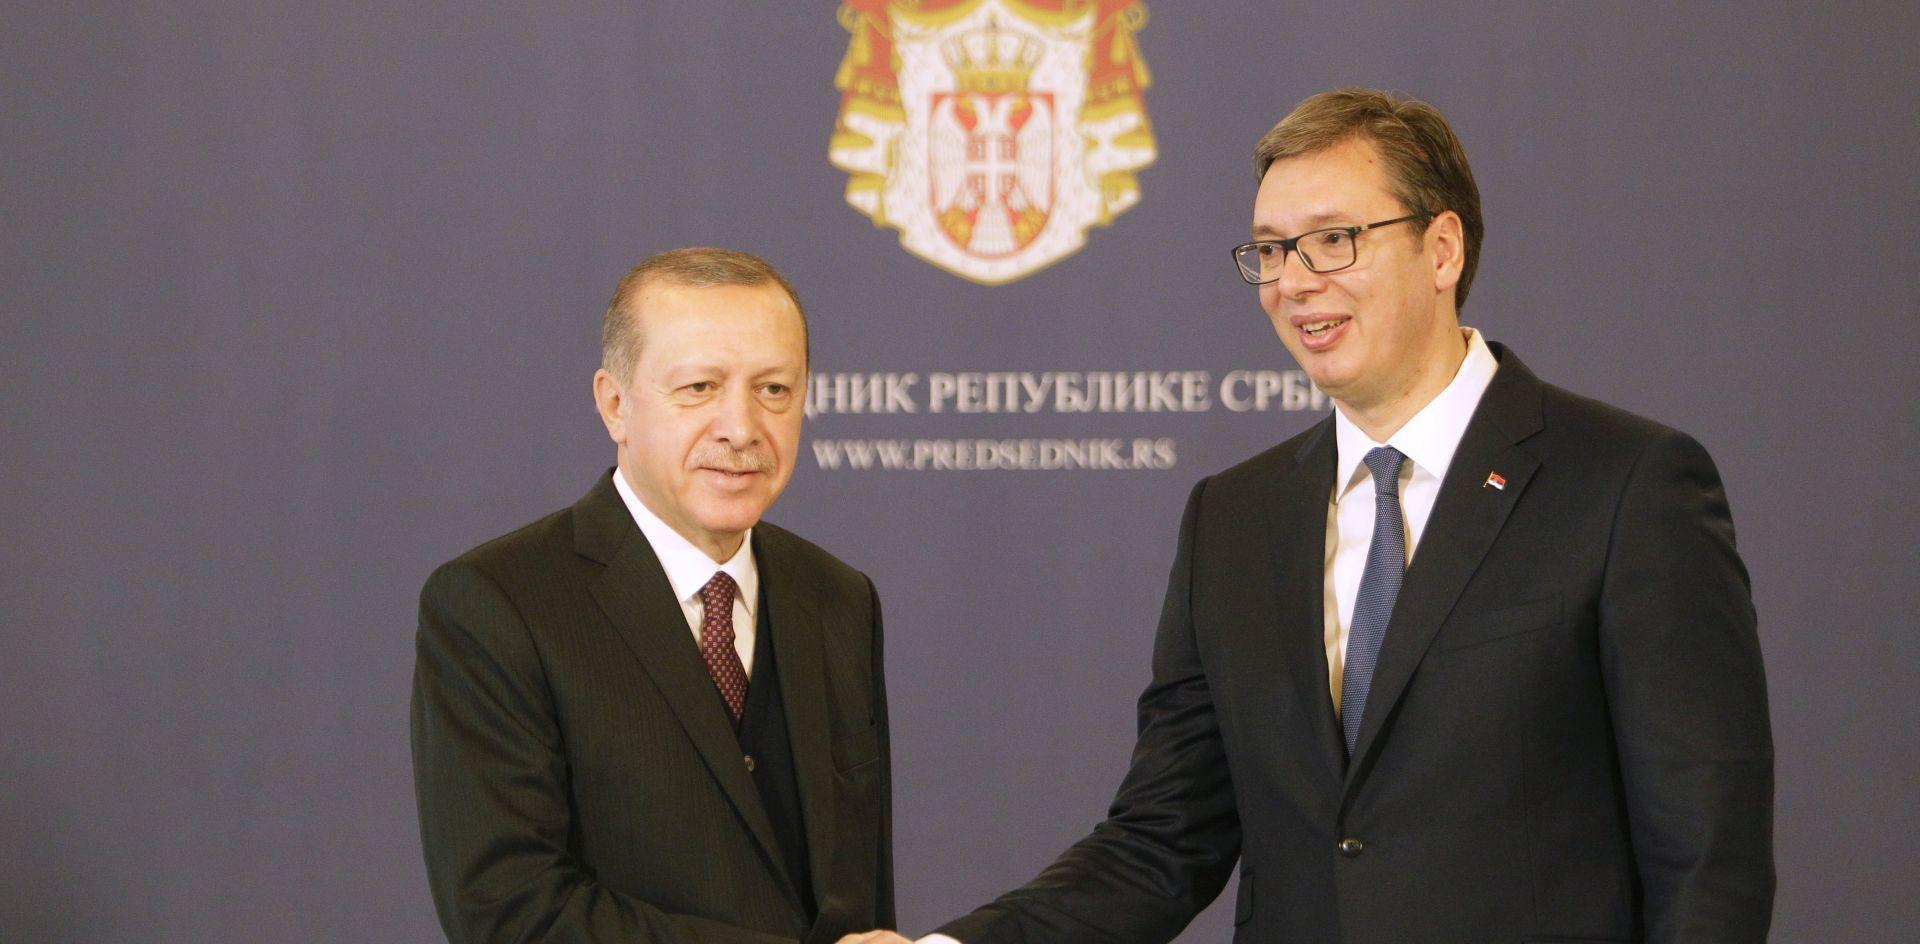 Erdogan poručio da želi Srbiju kao prijatelja i zemlju napretka, jedinstva i sloge